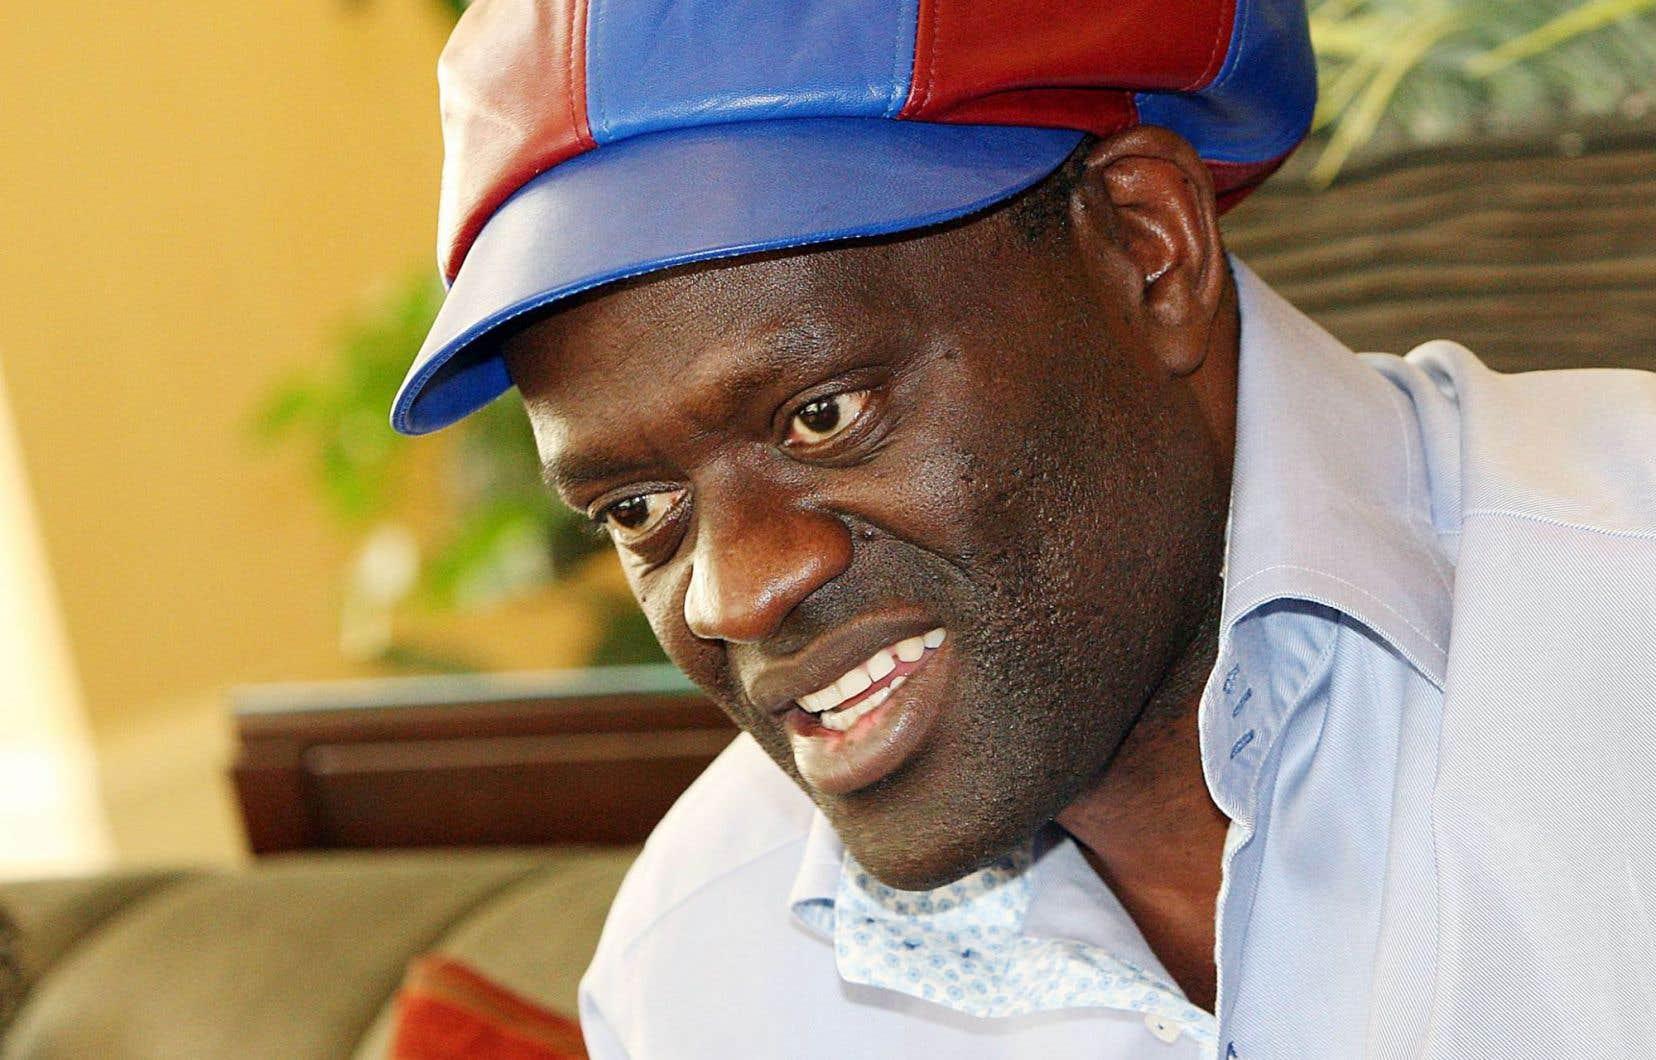 Le personnage surnommé Petit Piment a certains traits communs avec le romancier Alain Mabanckou, qui dit avoir créé un personnage qui lui ressemble.